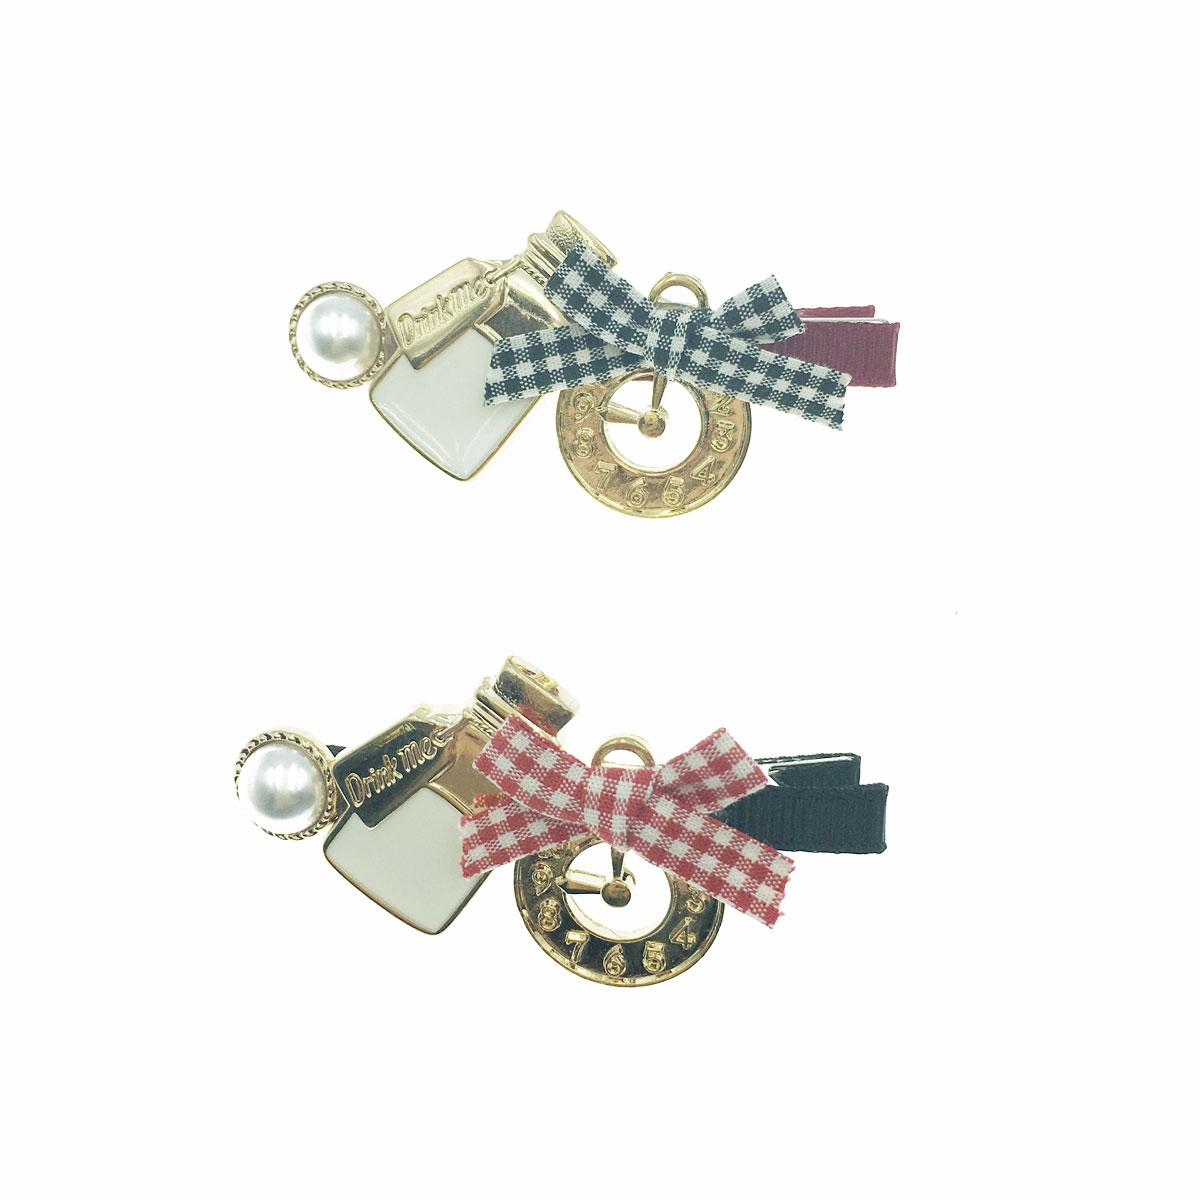 韓國 蝴蝶結 時鐘 瓶子 珍珠 格紋 簍空 兩色 壓夾 髮夾 髮飾